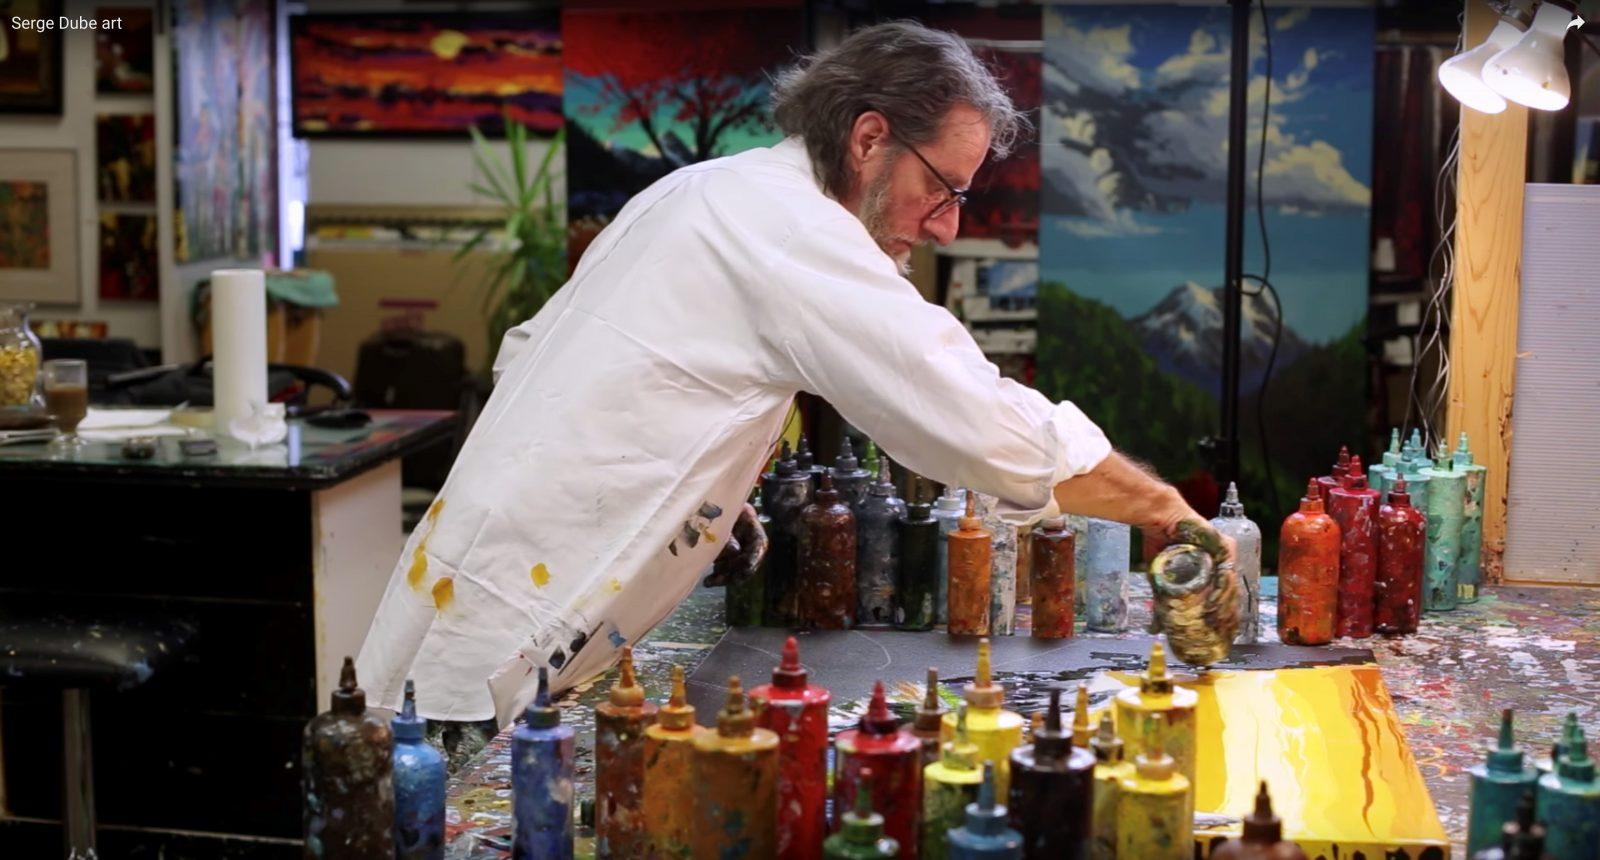 Des œuvres peintes à la bouteille! Serge Démétrius Dubé expose à Saint-Jean-Port-Joli